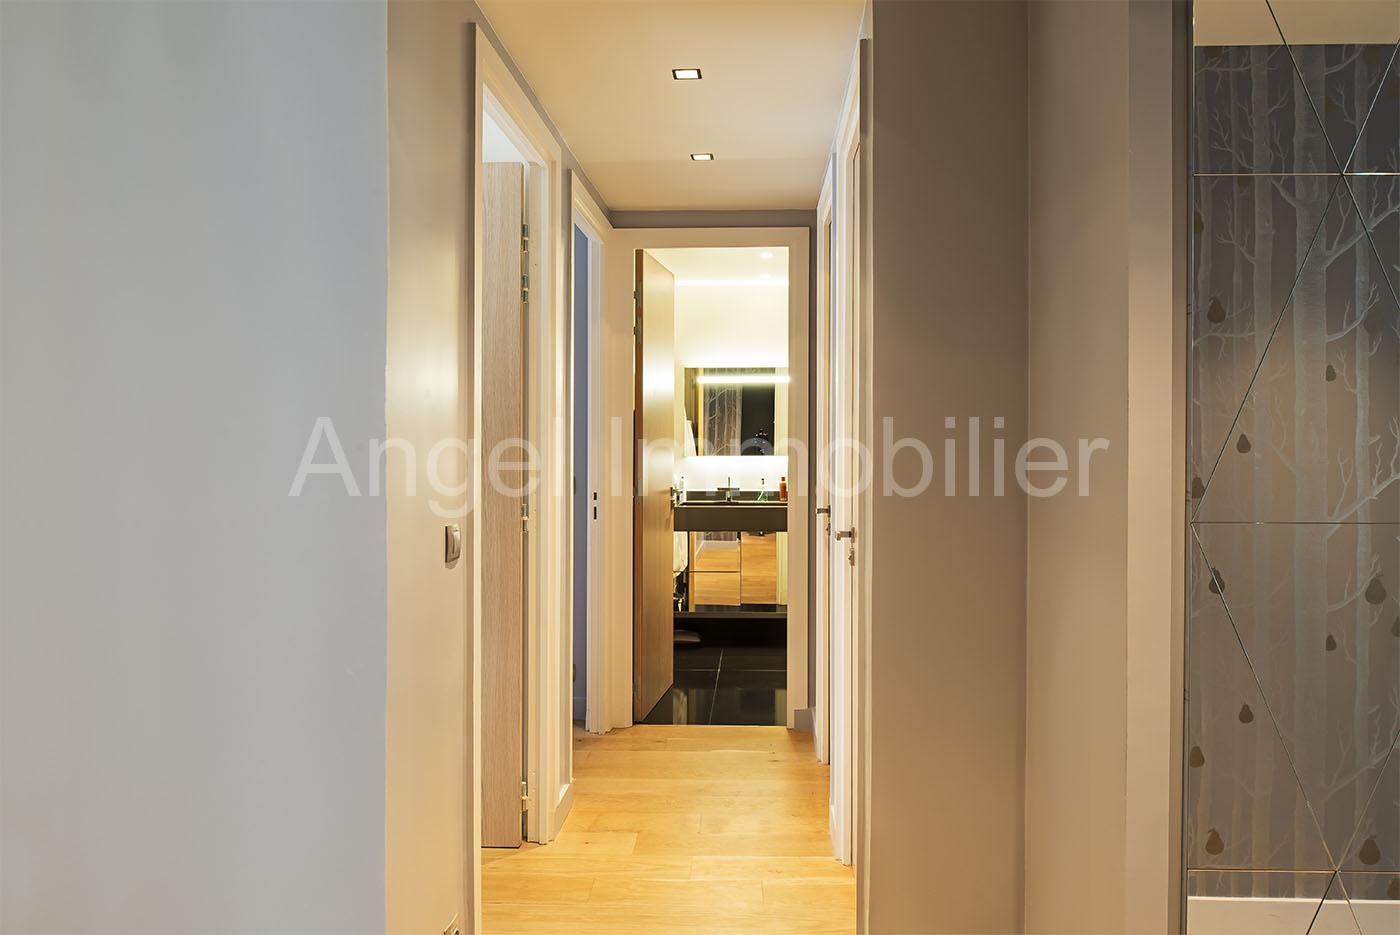 Appartement à Boulogne Billancourt